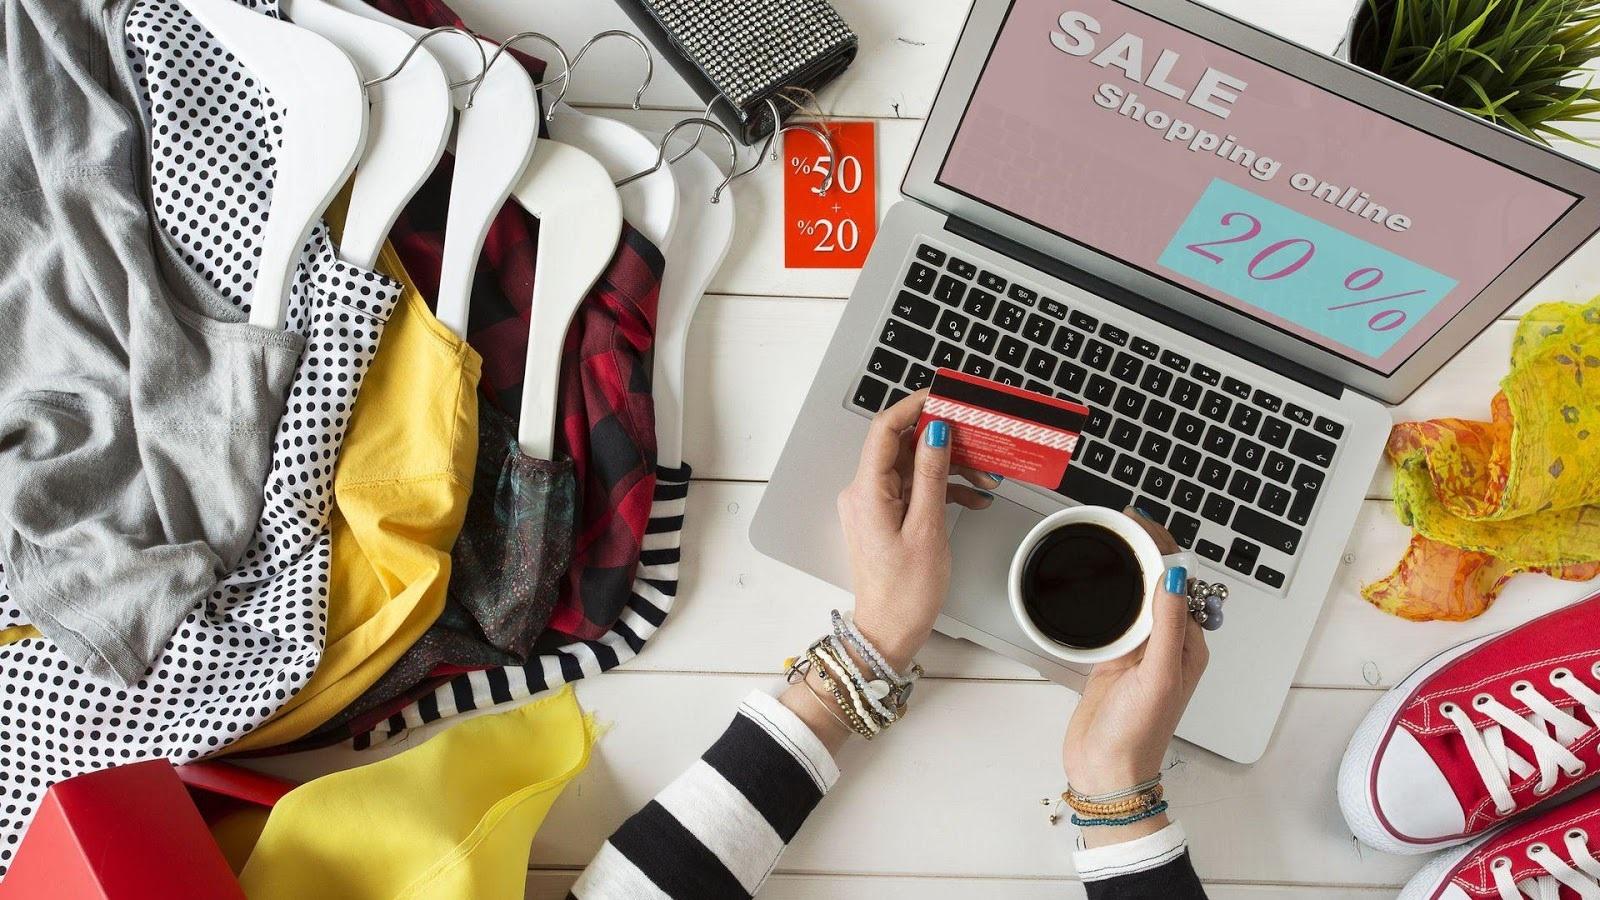 Продажа одежды через интернет-магазин